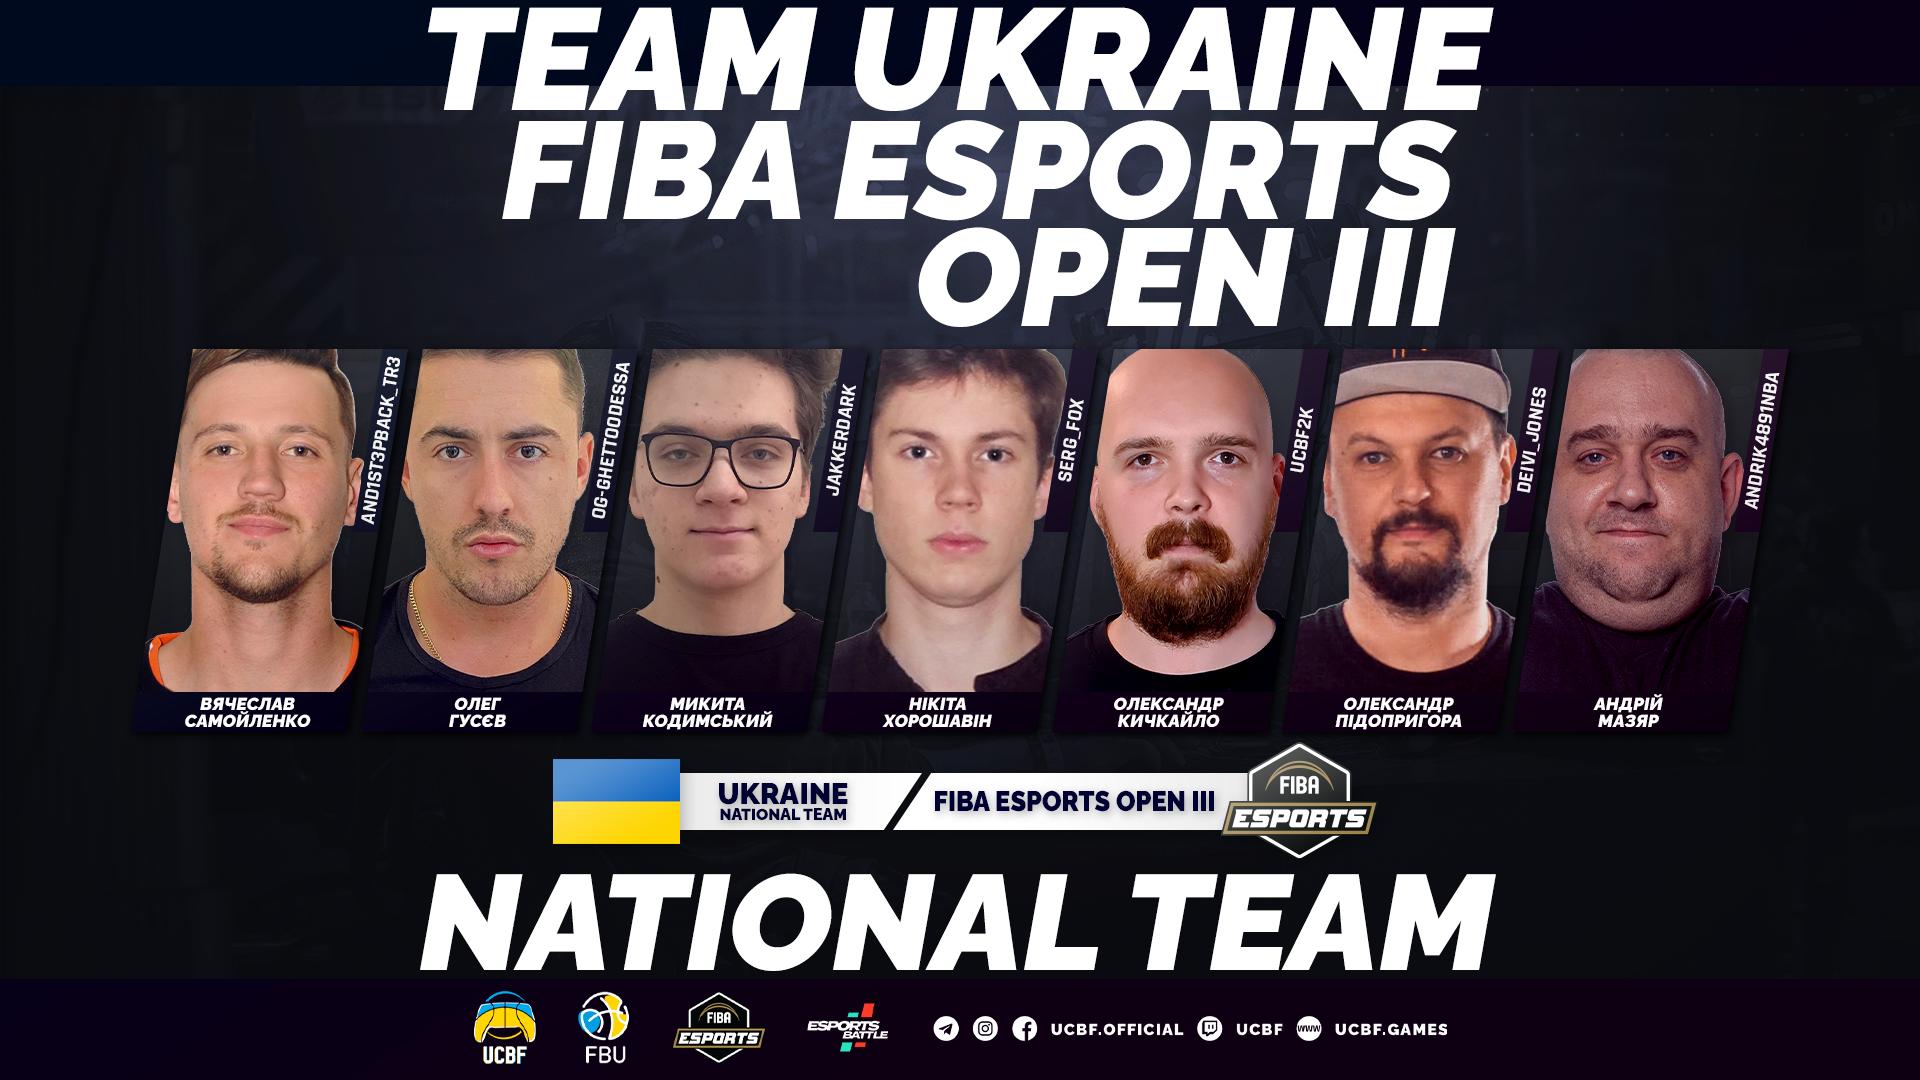 Збірна України вийшла в плейоф FIBA Esports Open III